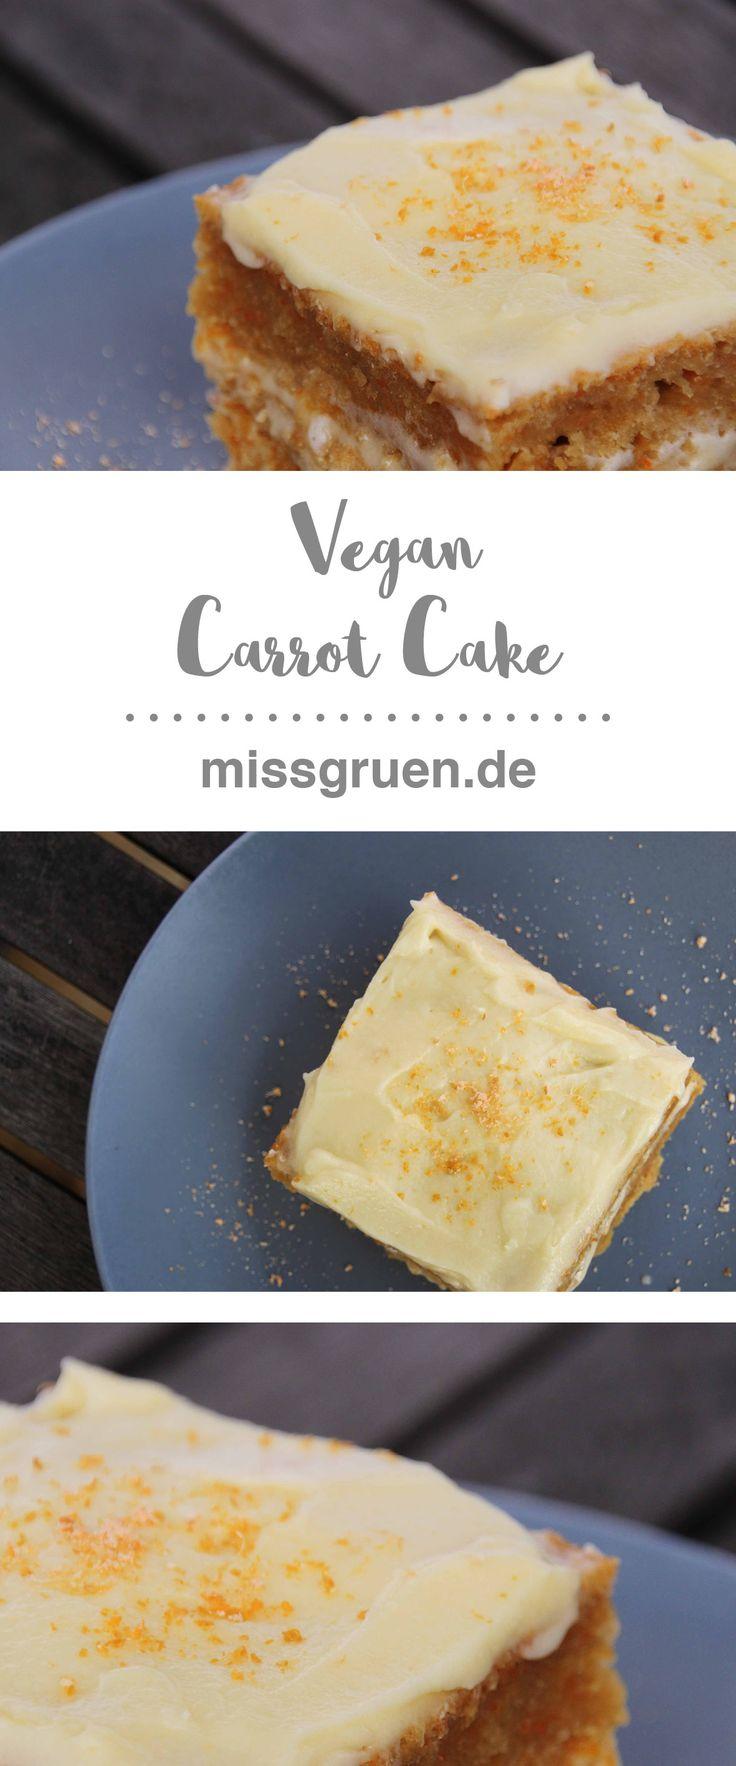 Vegan Carrot Cake Karotten Kuchen backen Rezept Torte Möhren veganer